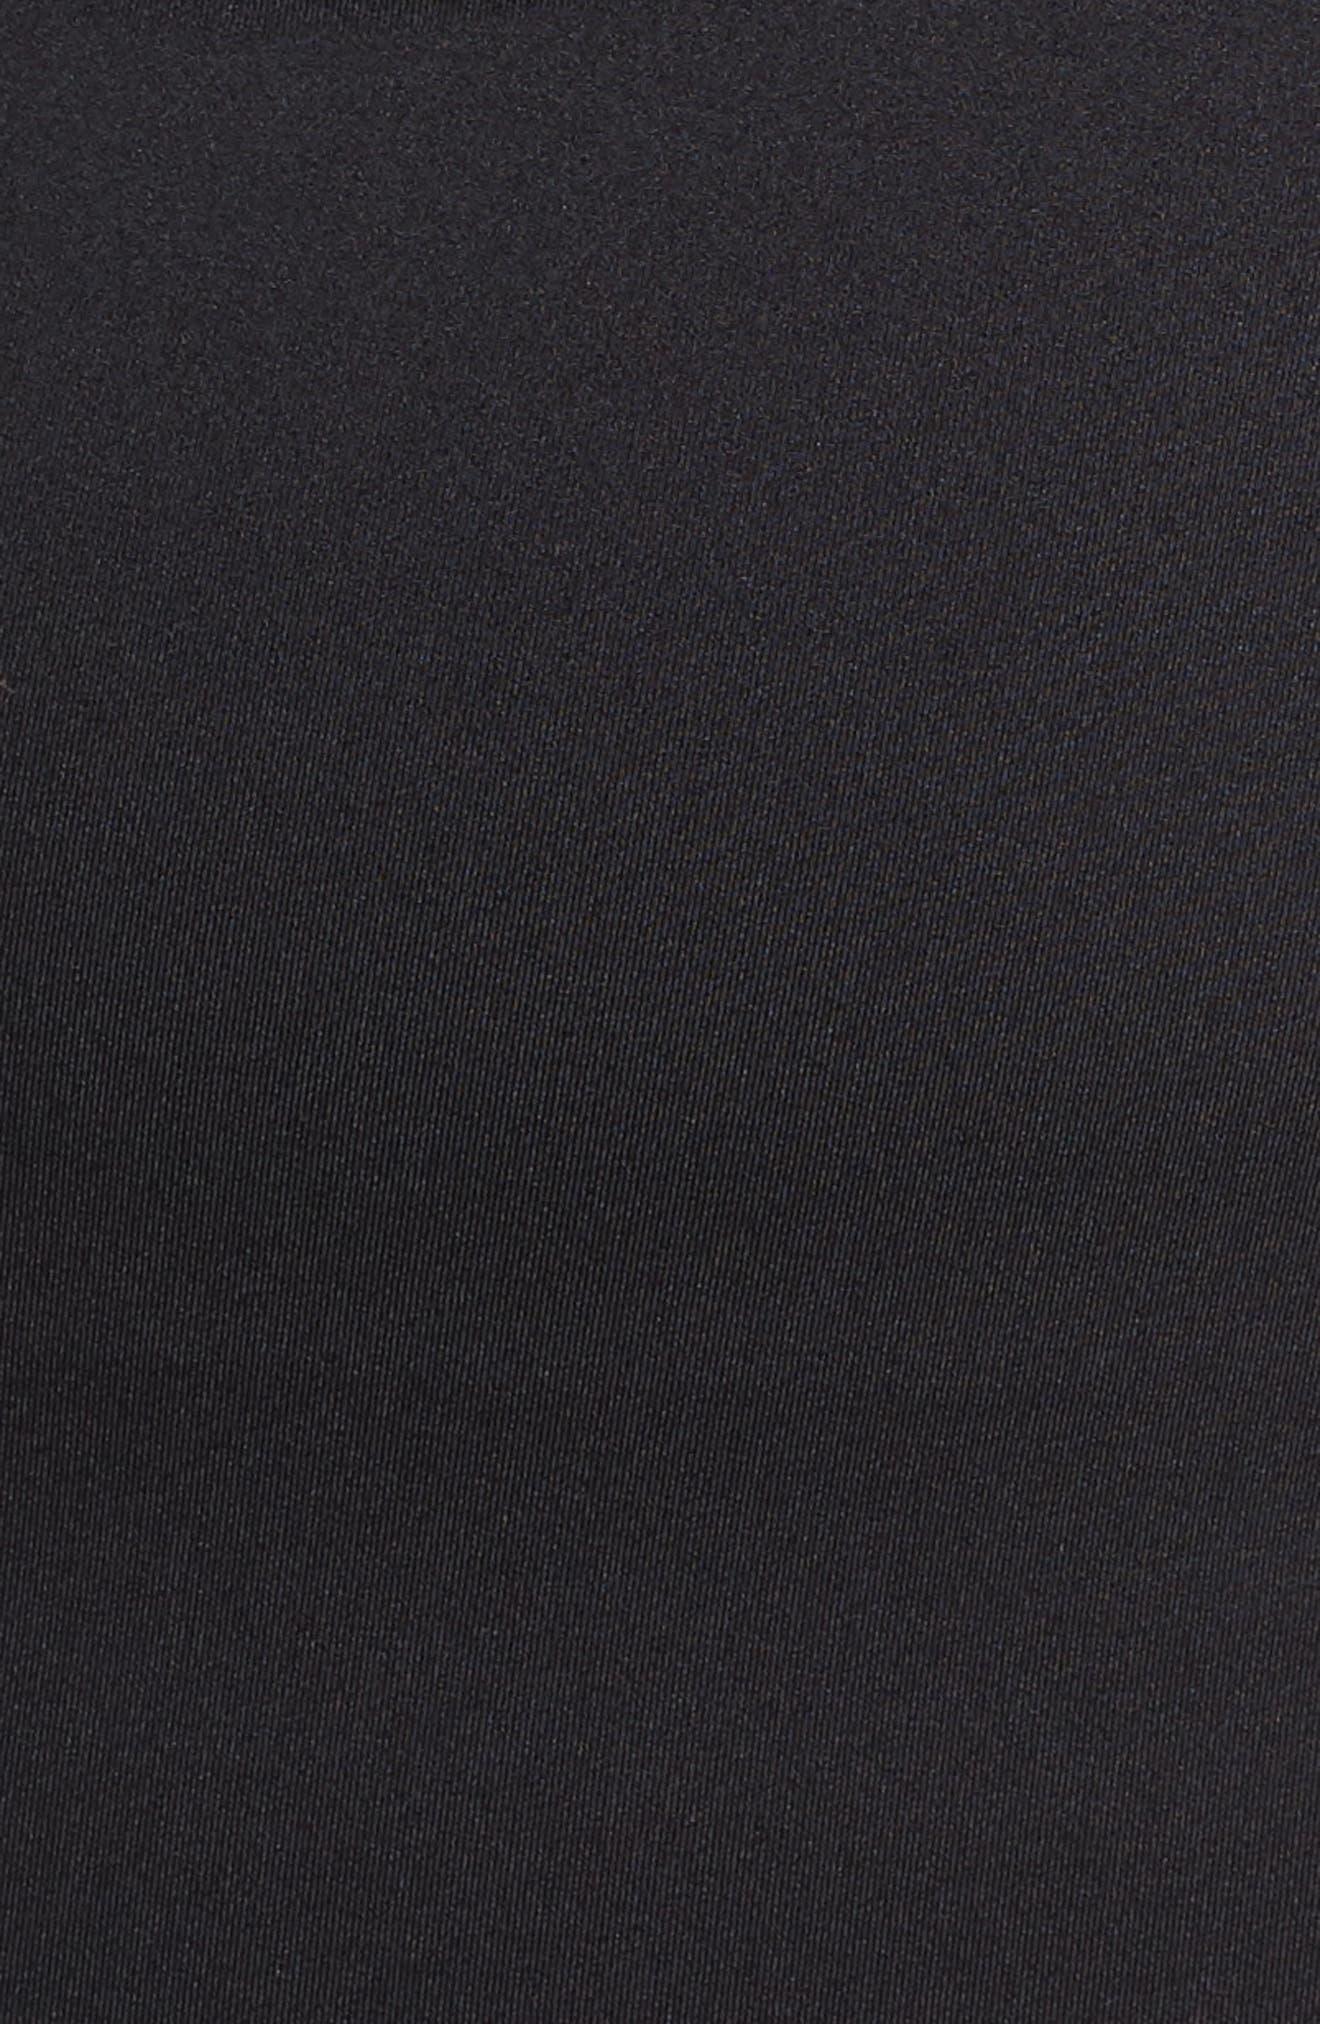 NIKE, Crossback Tankini Top, Alternate thumbnail 6, color, BLACK